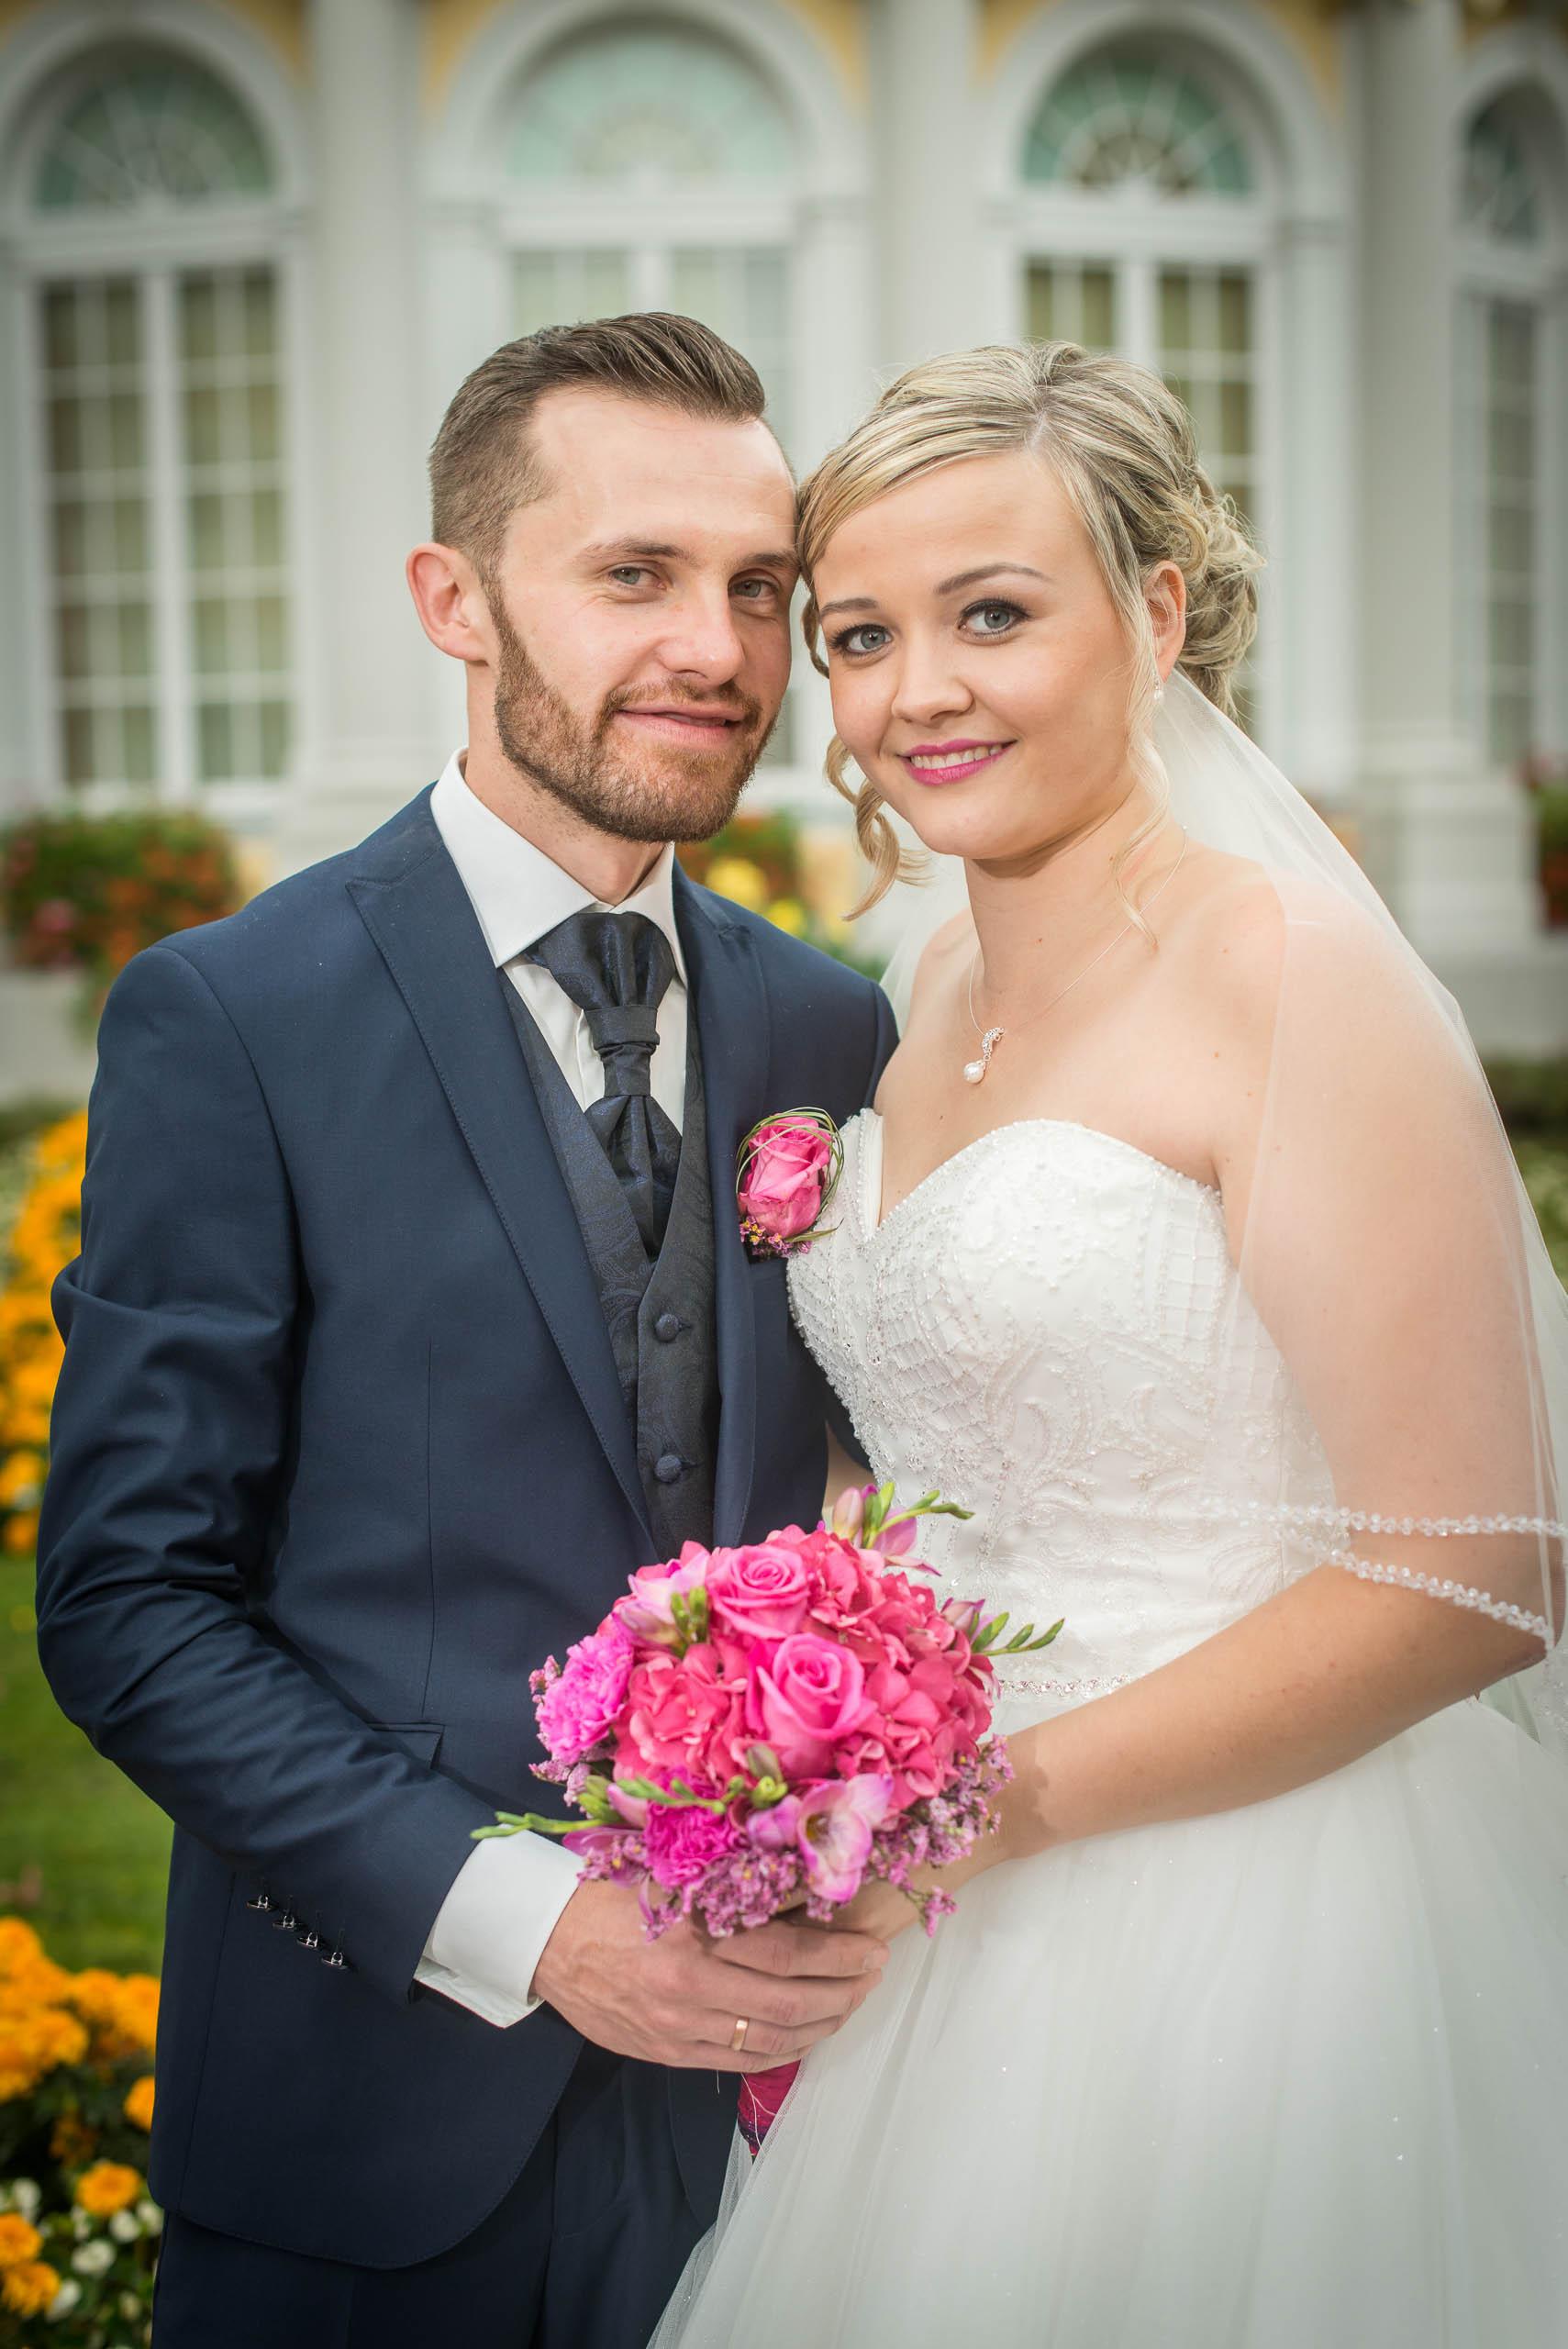 hochzeitsvideo hochzeit filmen lassn hochzeitsvideo koeln Brautpaar lächelt in die Kamera und steht im Schlossgarten.